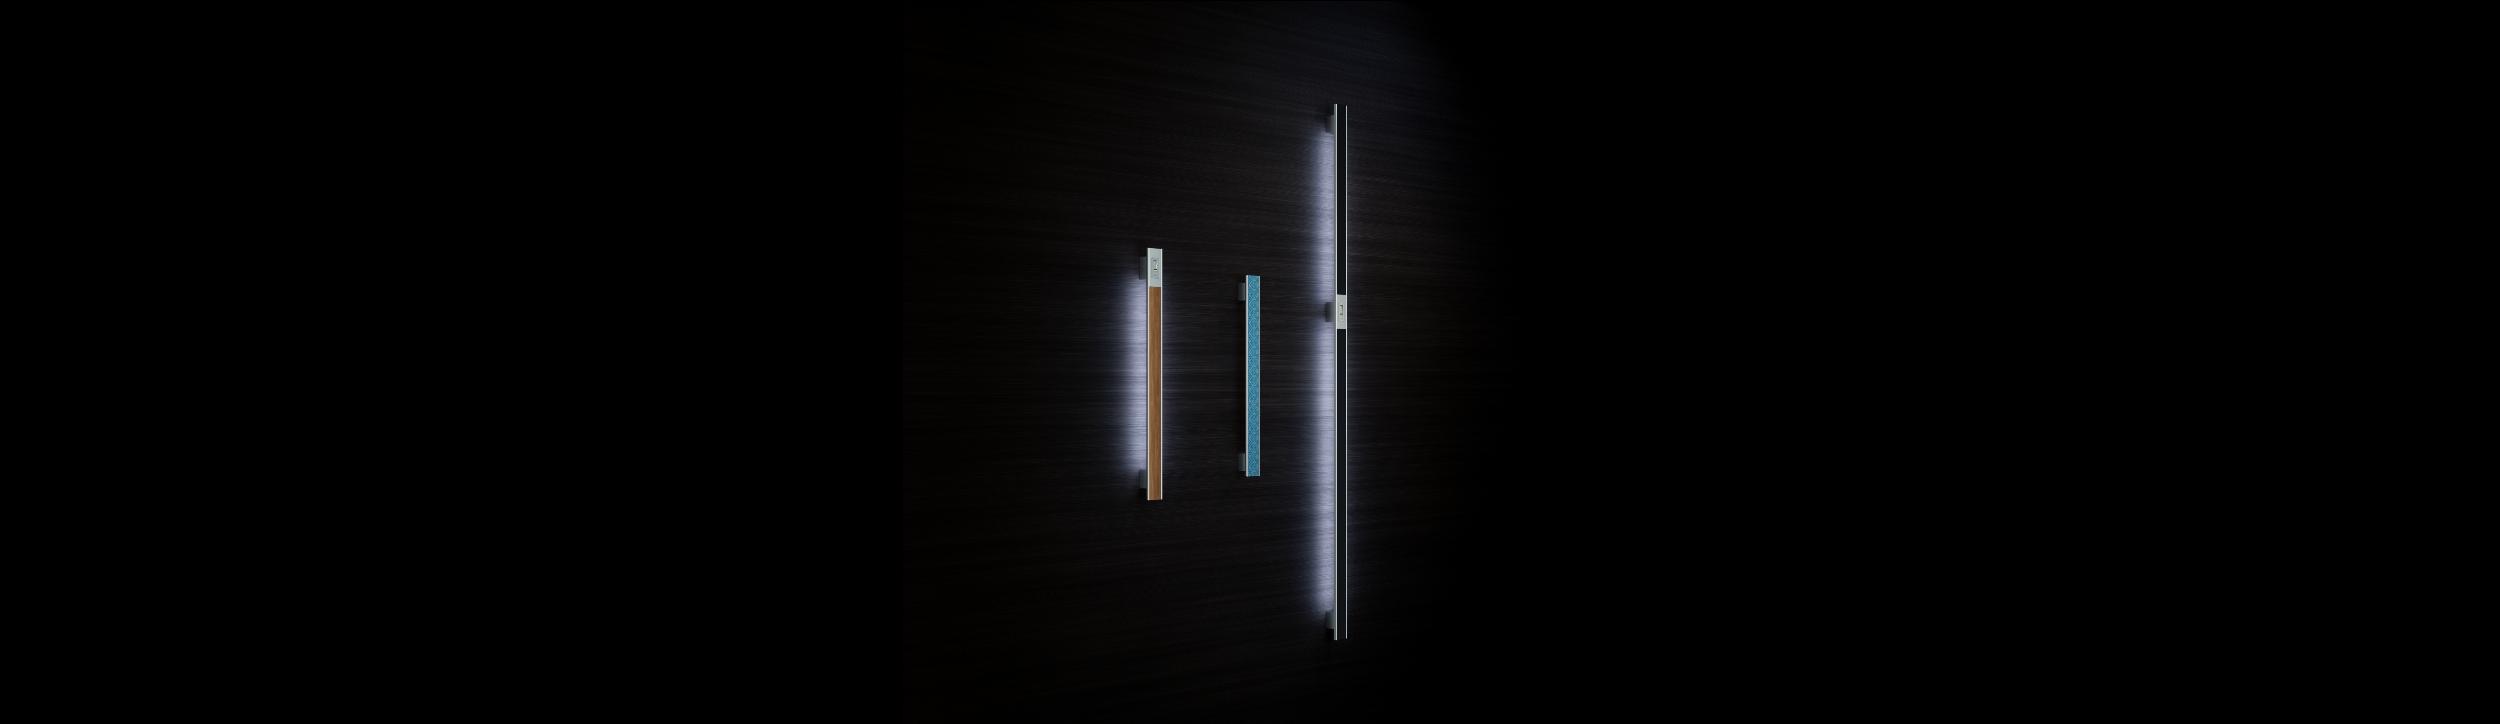 Vision Line inox ročaji za vhodna vrata - Vision Line inox door handles for front doors - Vision Line Edelstahl-Türgriffe für Eingangstür - Griffing